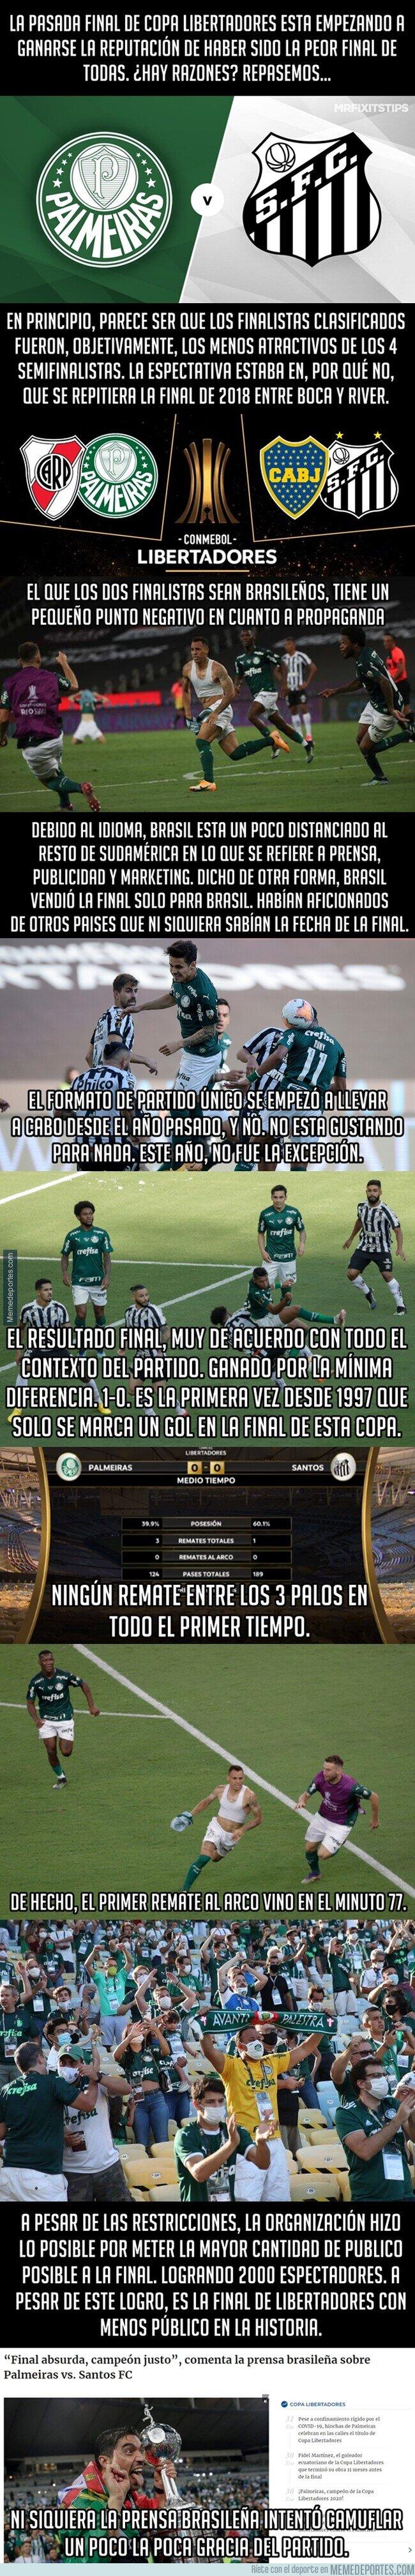 1126780 - ¿Fue esta final de Copa Libertadores la peor de todas?